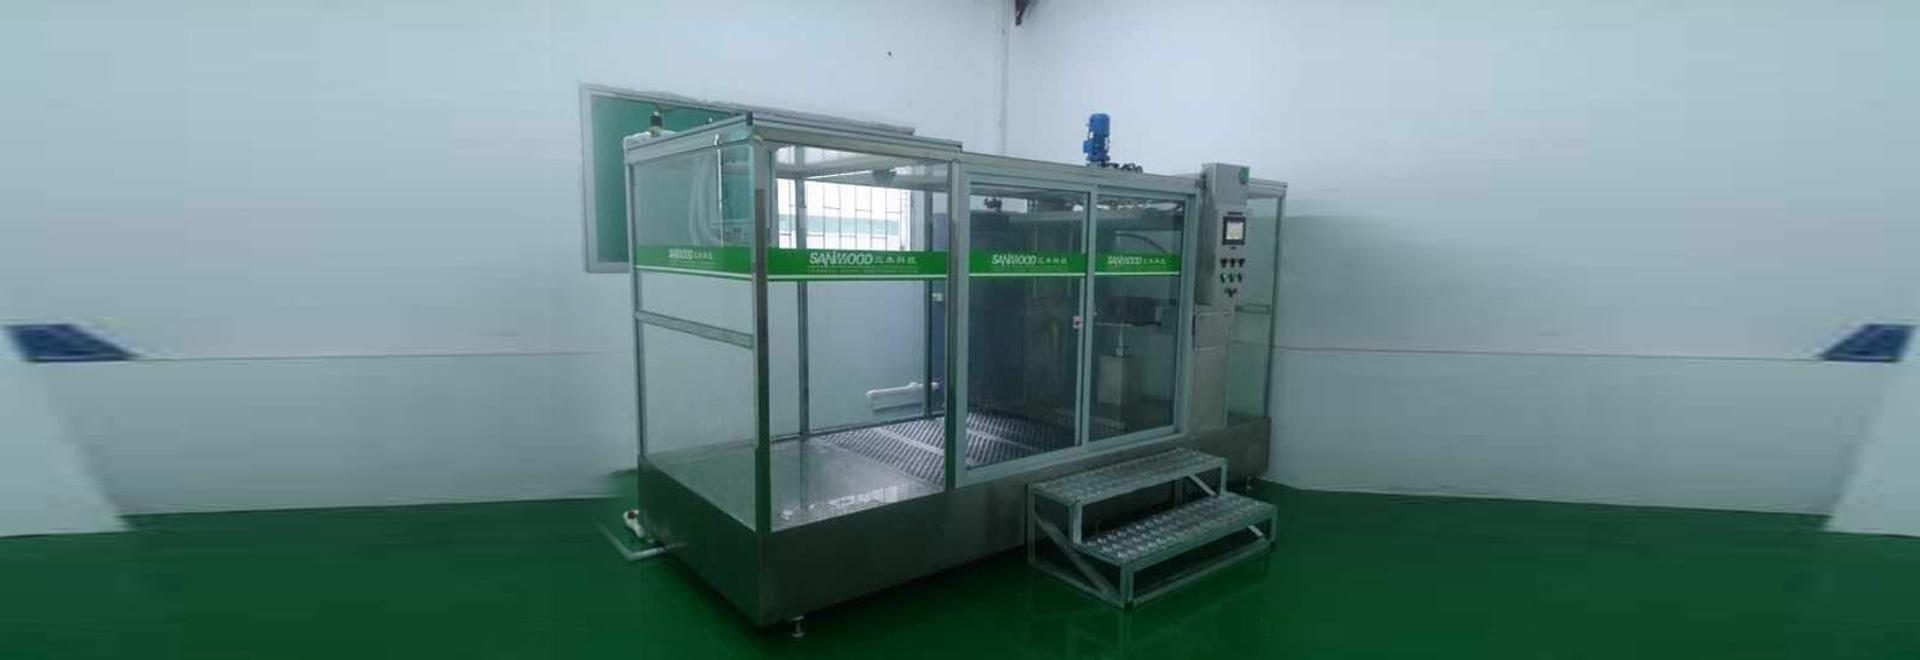 L'IPX123456 du client de Singapour a intégré la chambre d'essai de pluie a installé bien sur le site